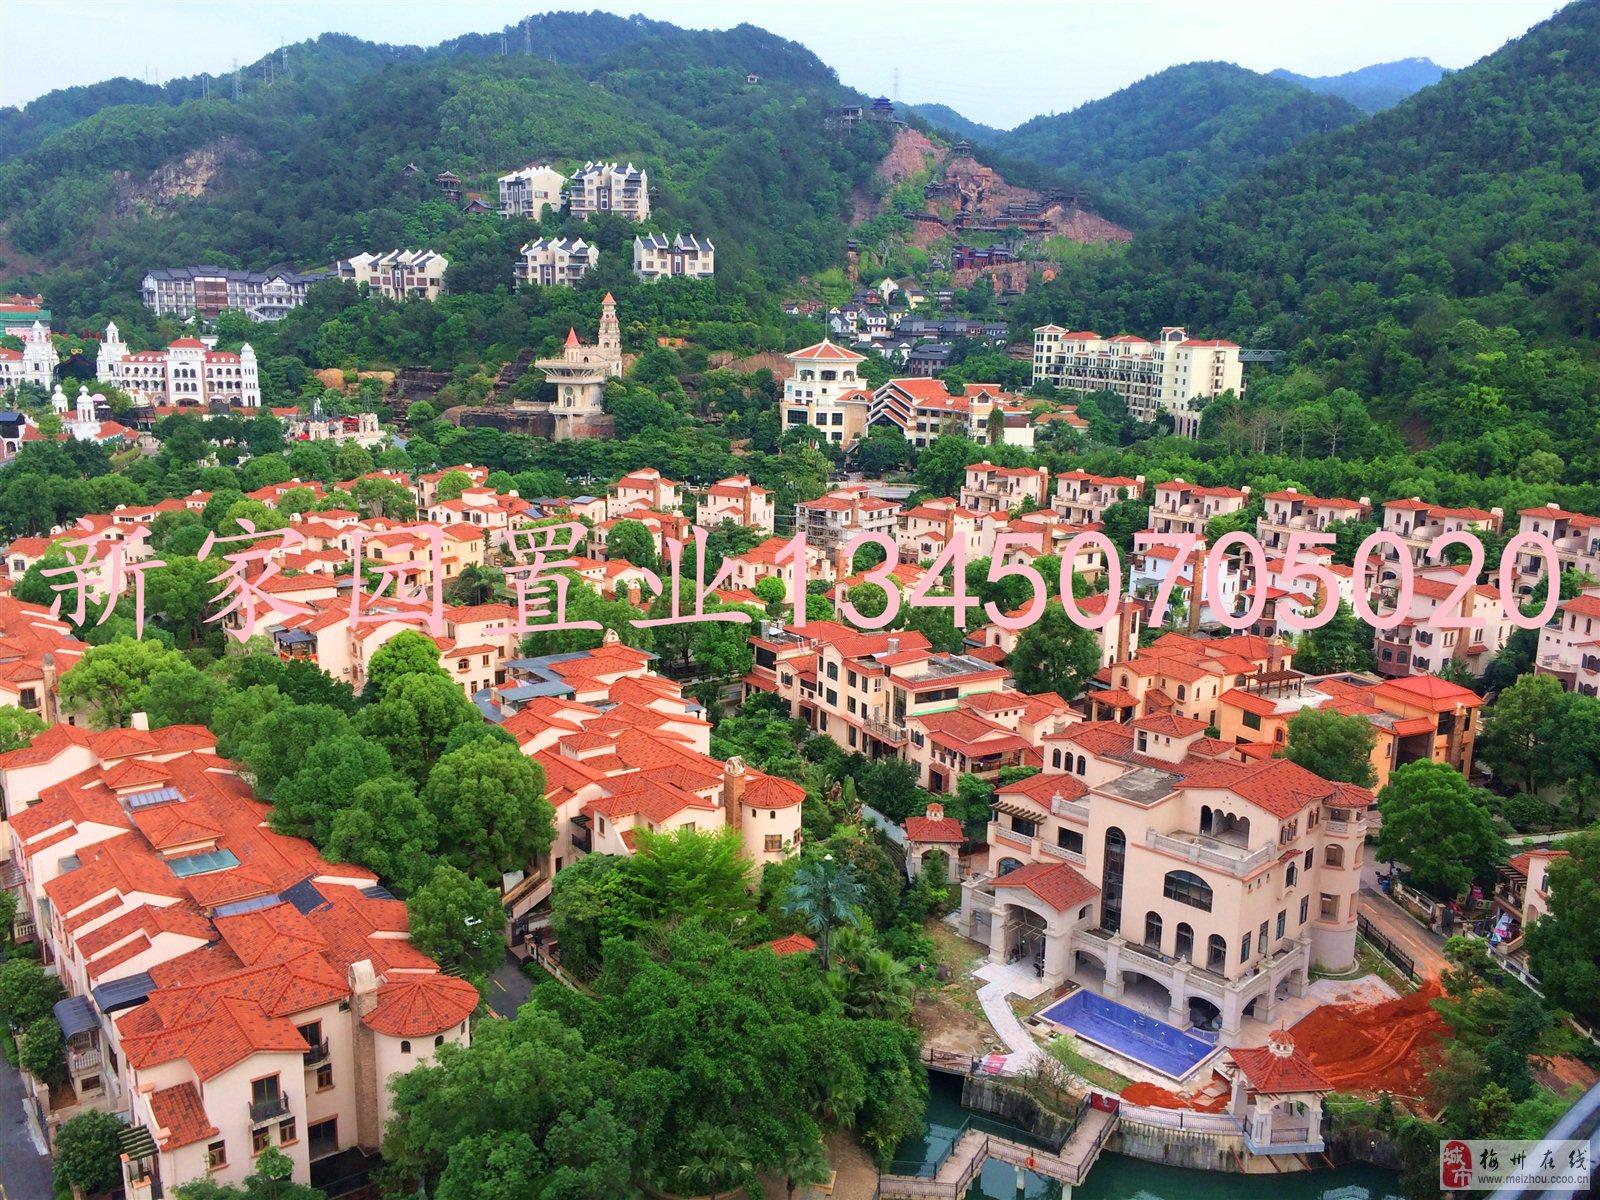 458萬售江南客天下別墅3層半500平方前后有花園